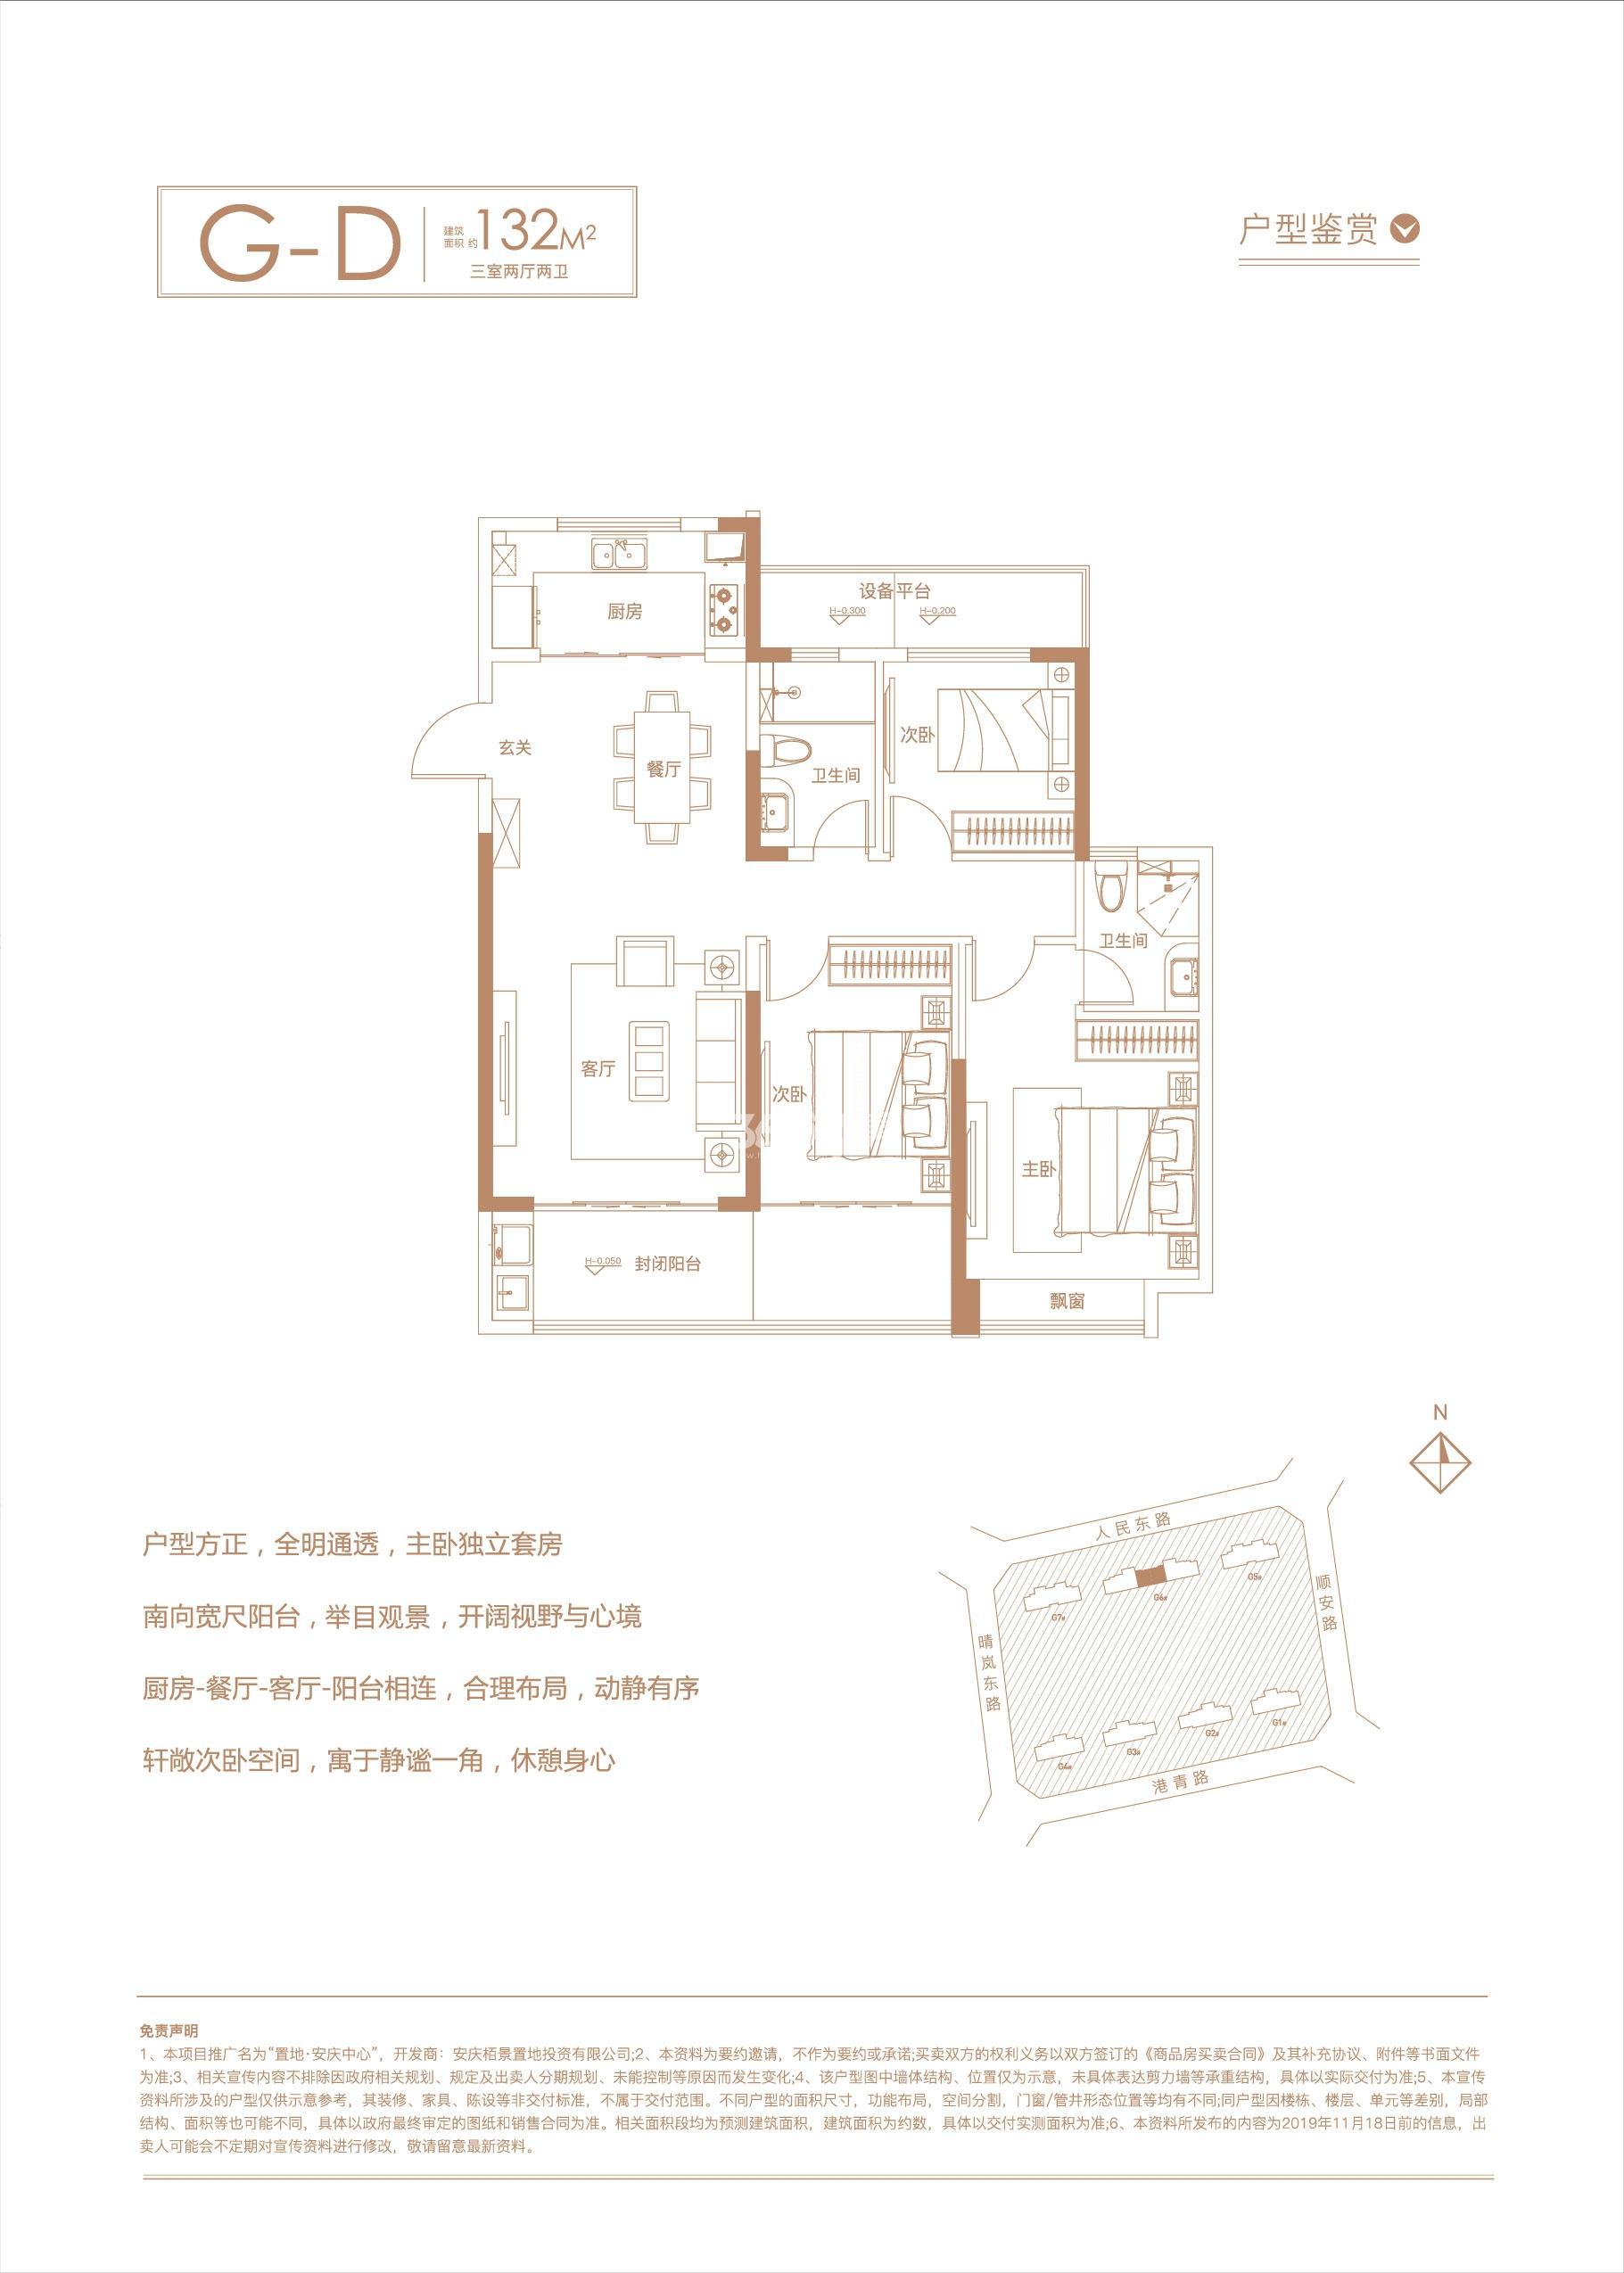 安庆置地安庆中心132㎡三室两厅两卫G-D户型